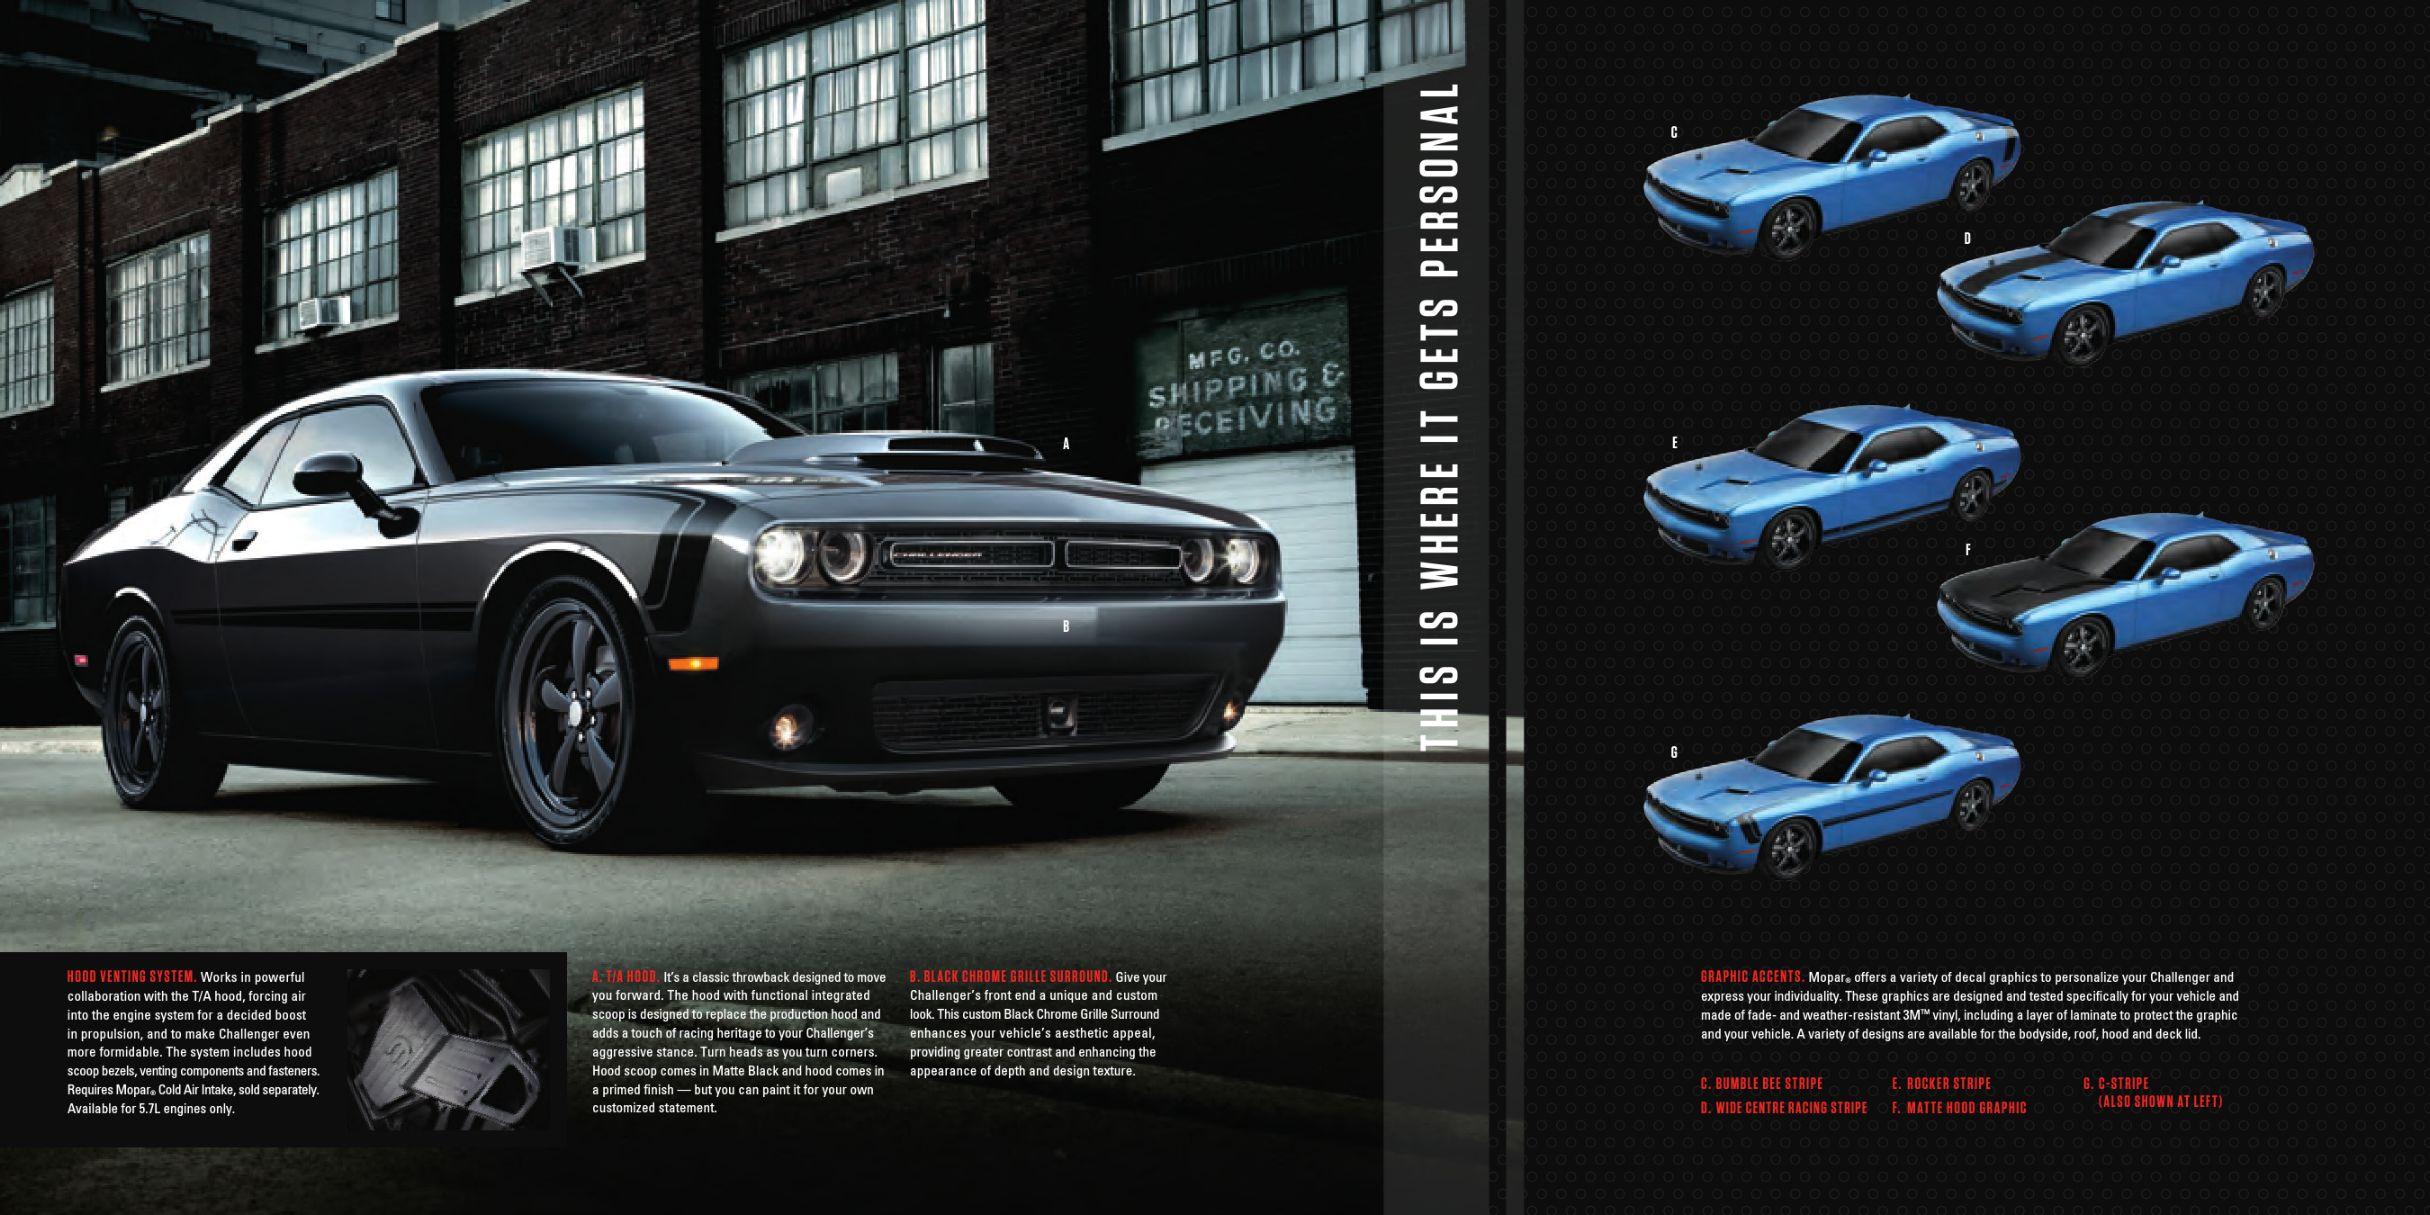 69113_15CANMOP_Challenger Brochure_DC